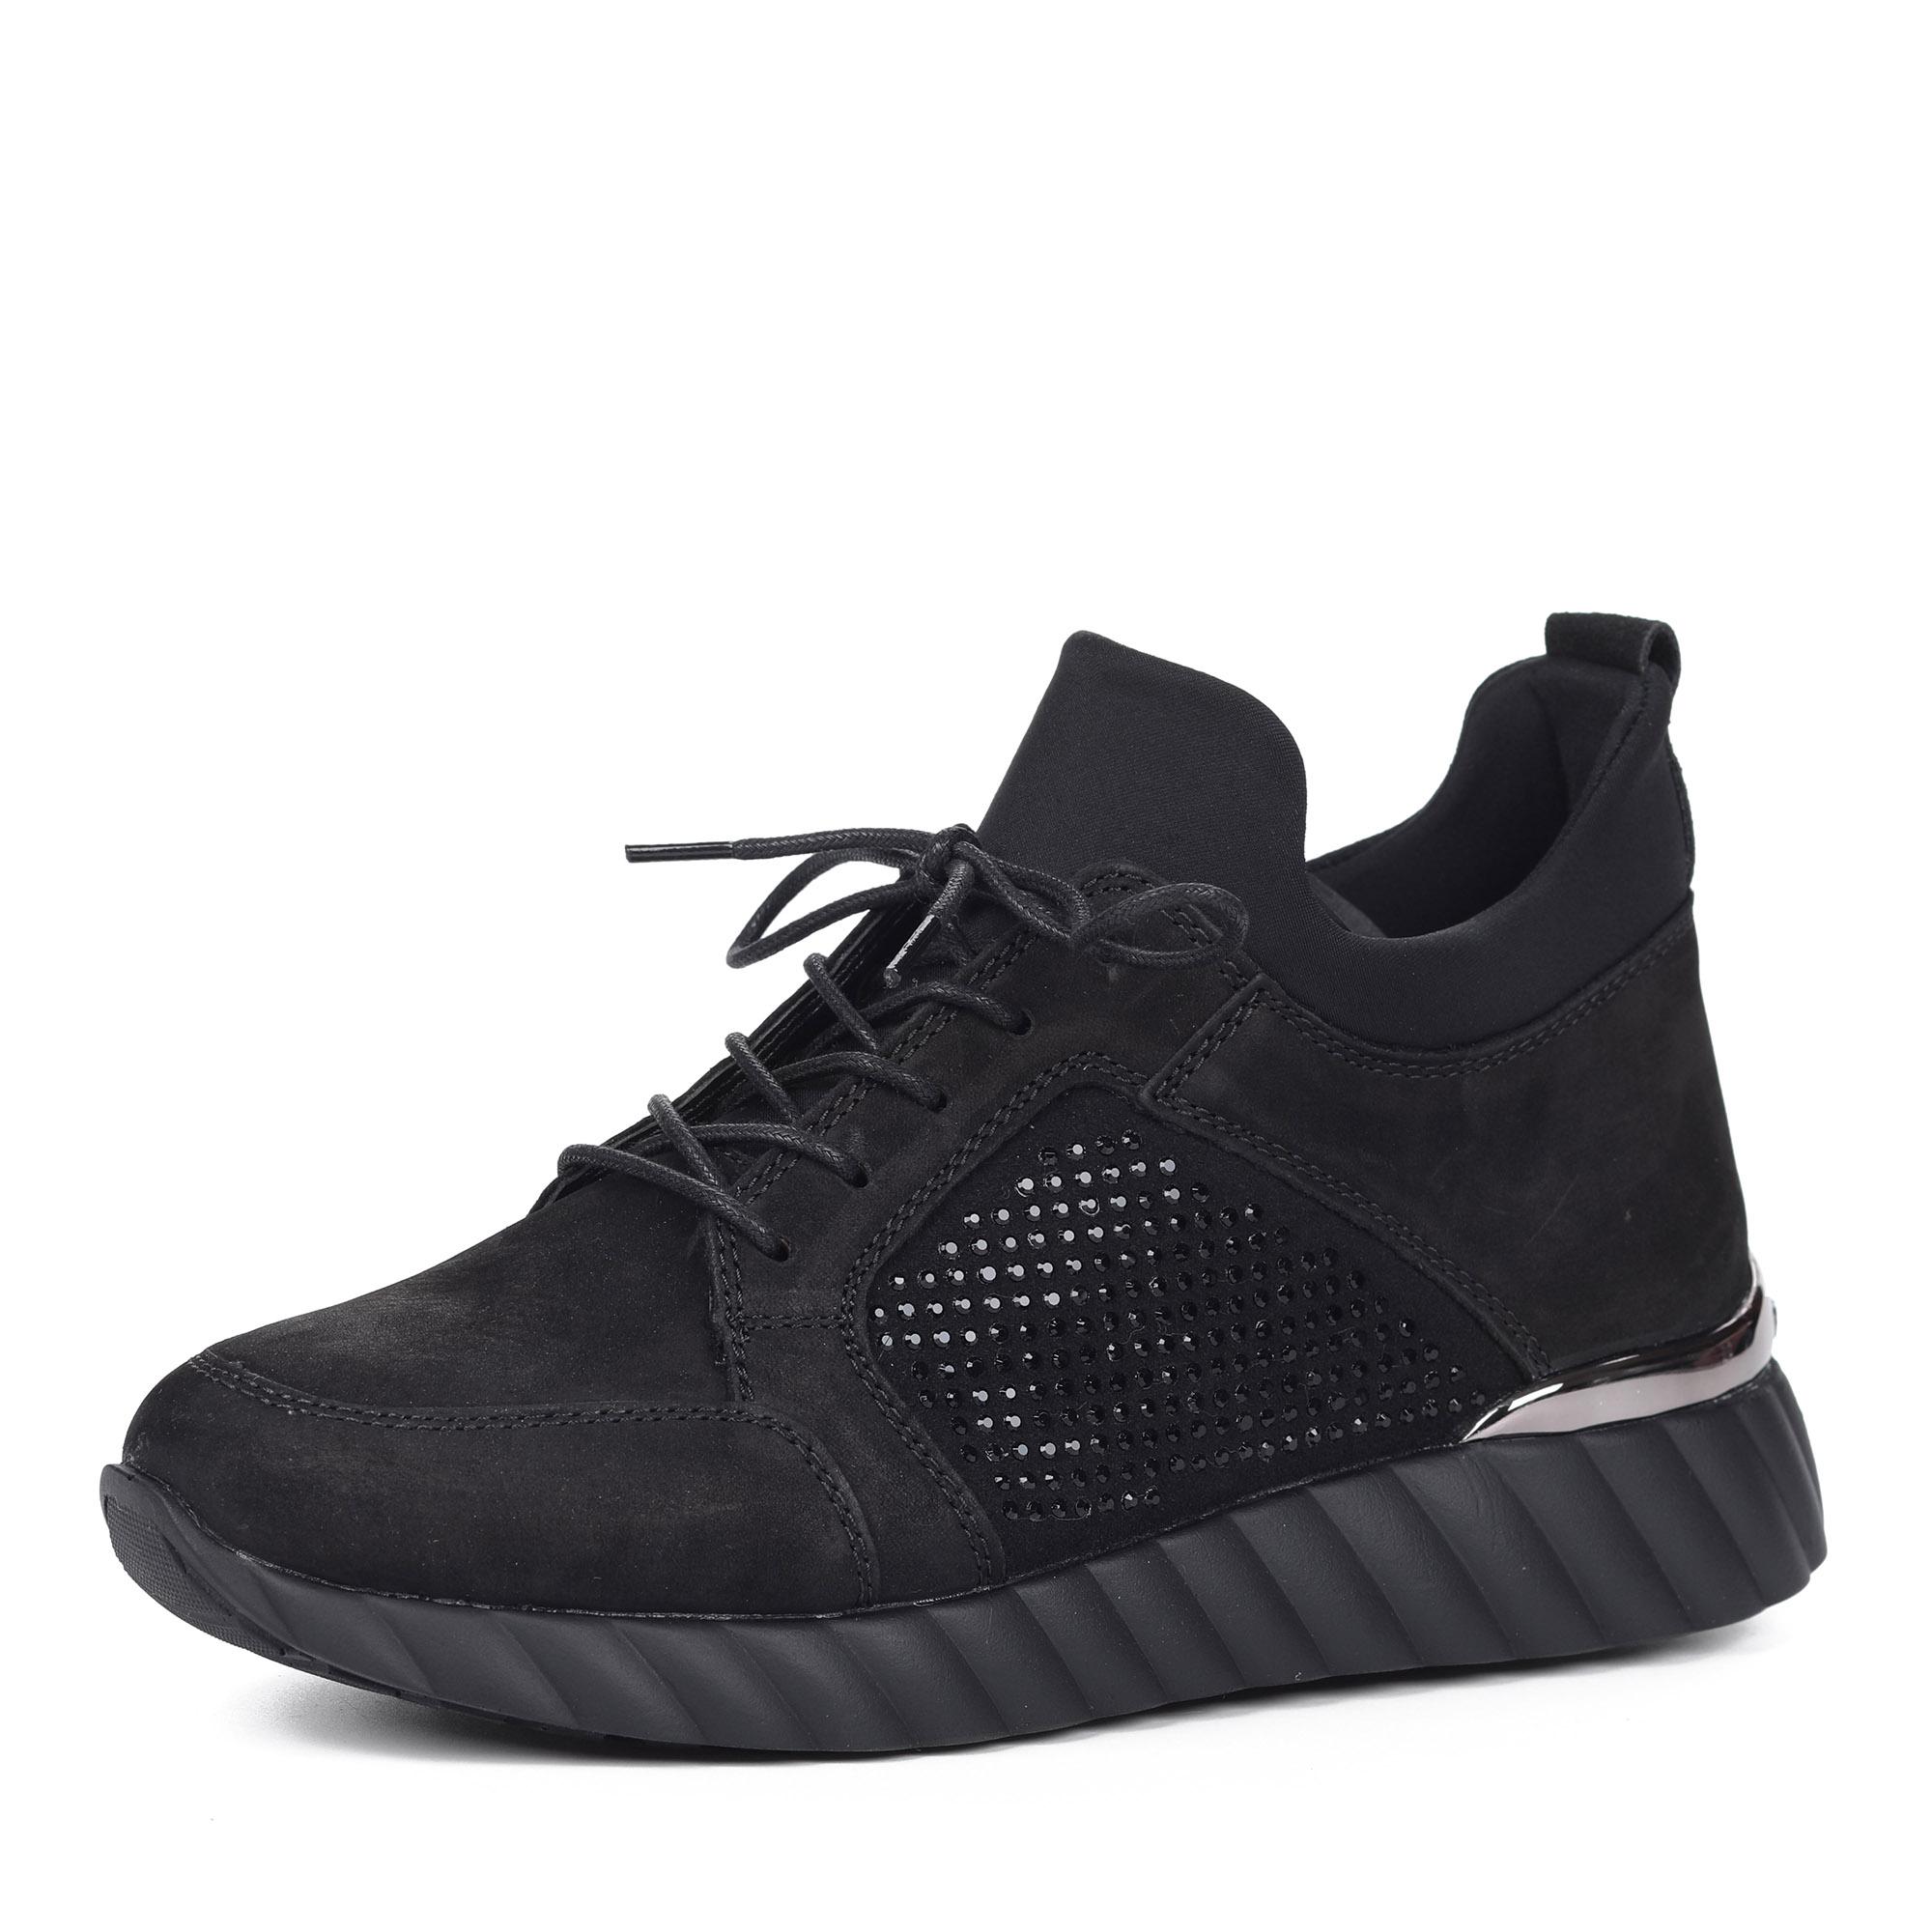 Черные кроссовки из комбинированных материалов(Черные кроссовки из комбинированных материалов)